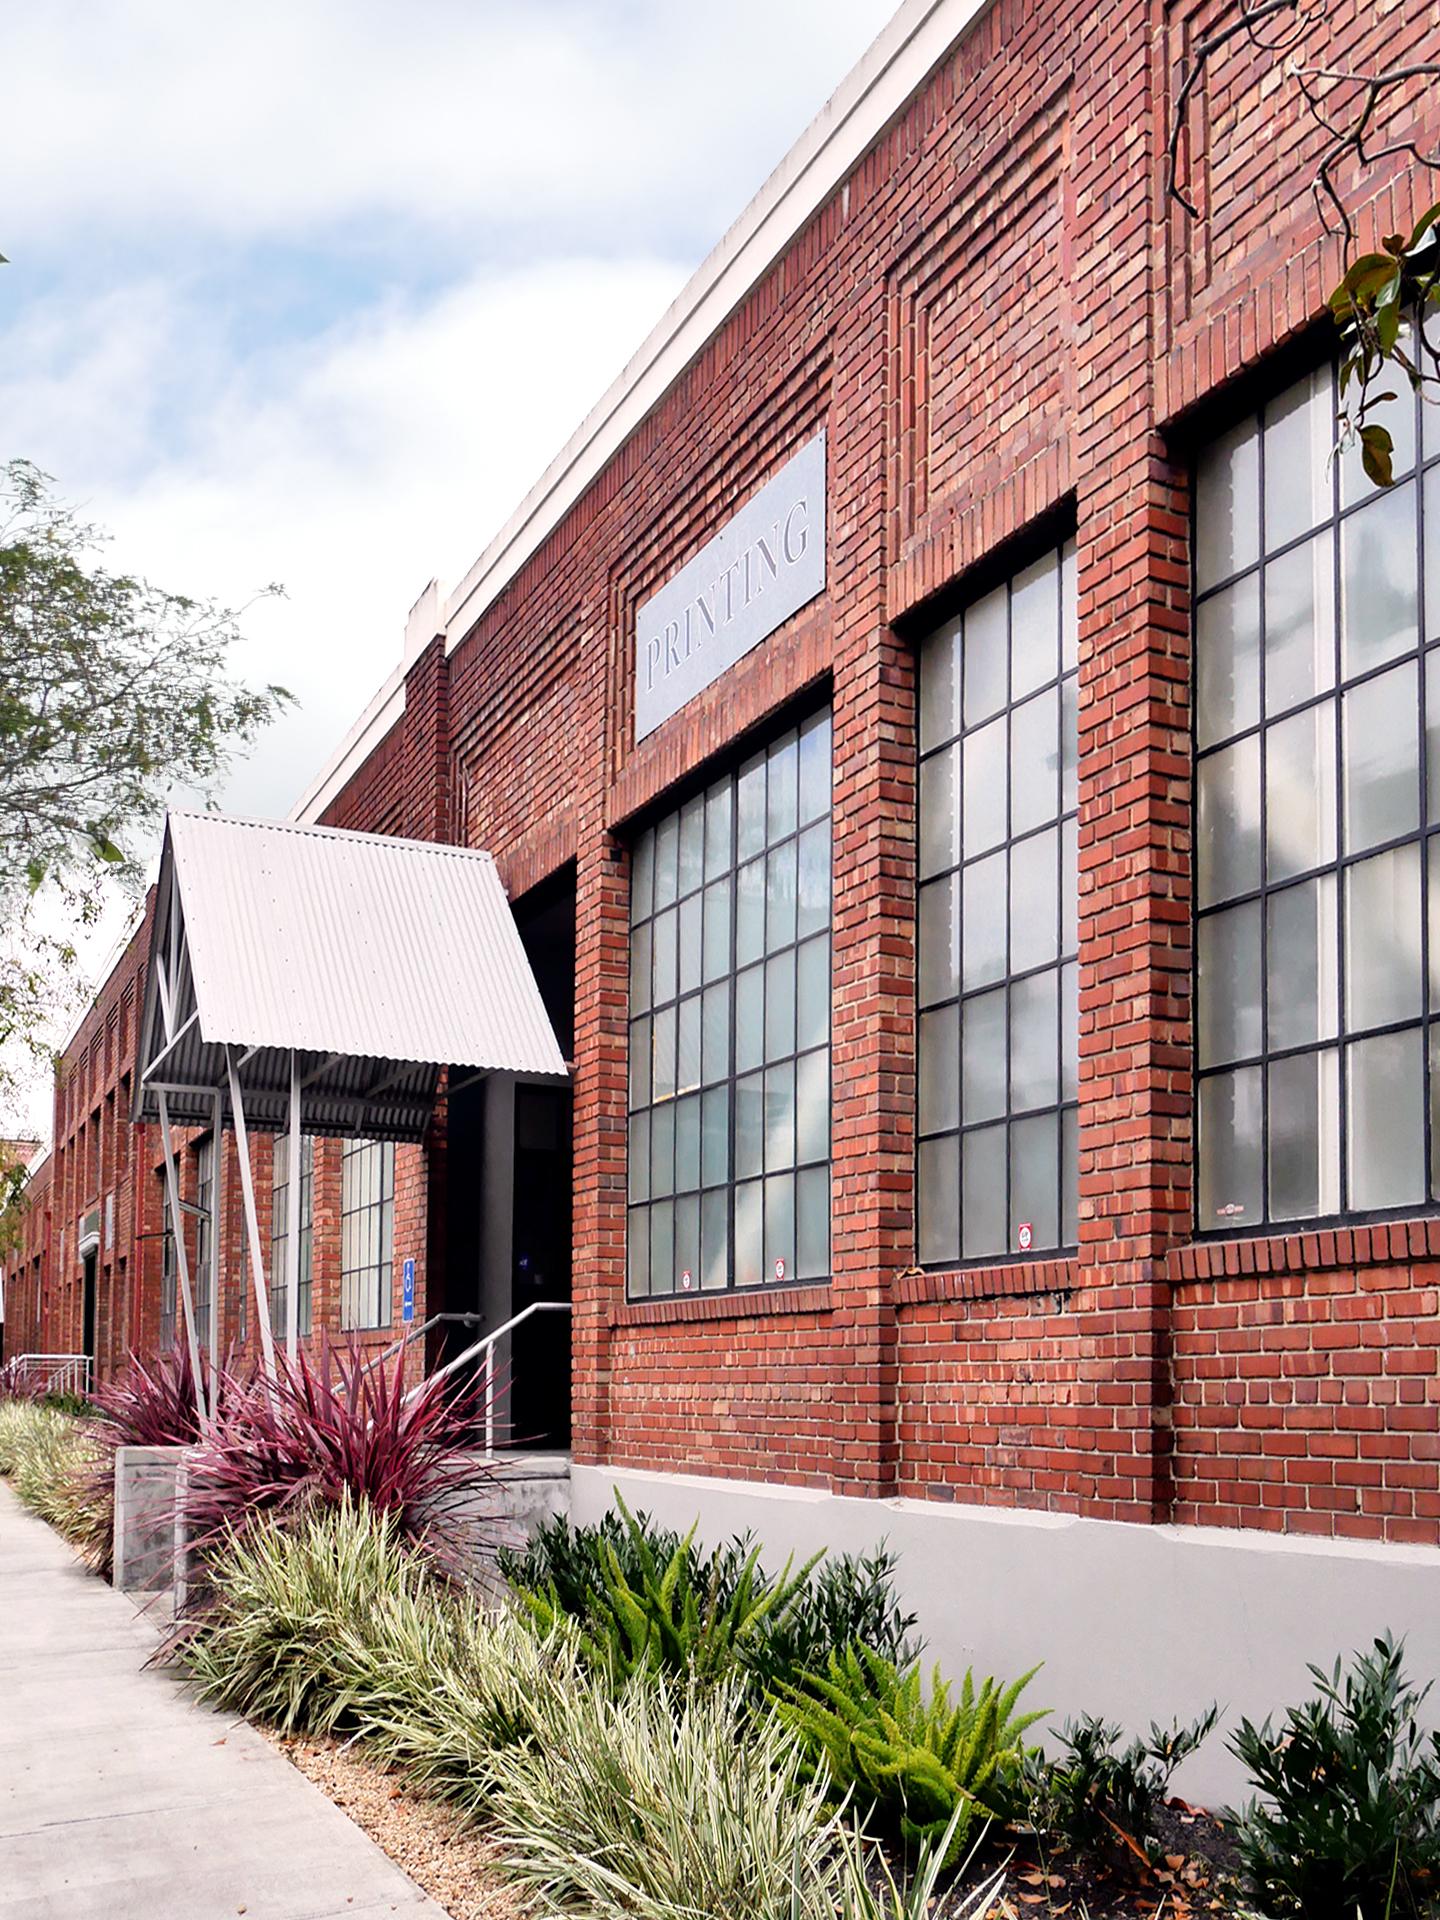 SA Building Outside